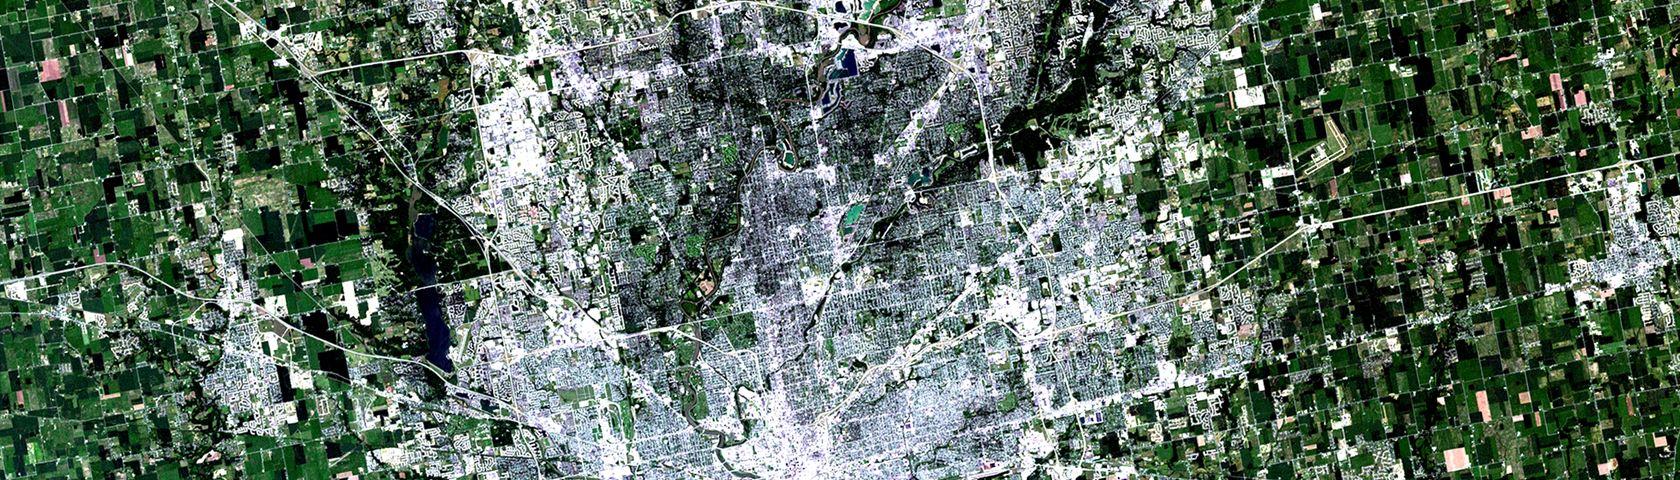 NASA Satellite Captures Super Bowl Cities: Indianapolis 2001